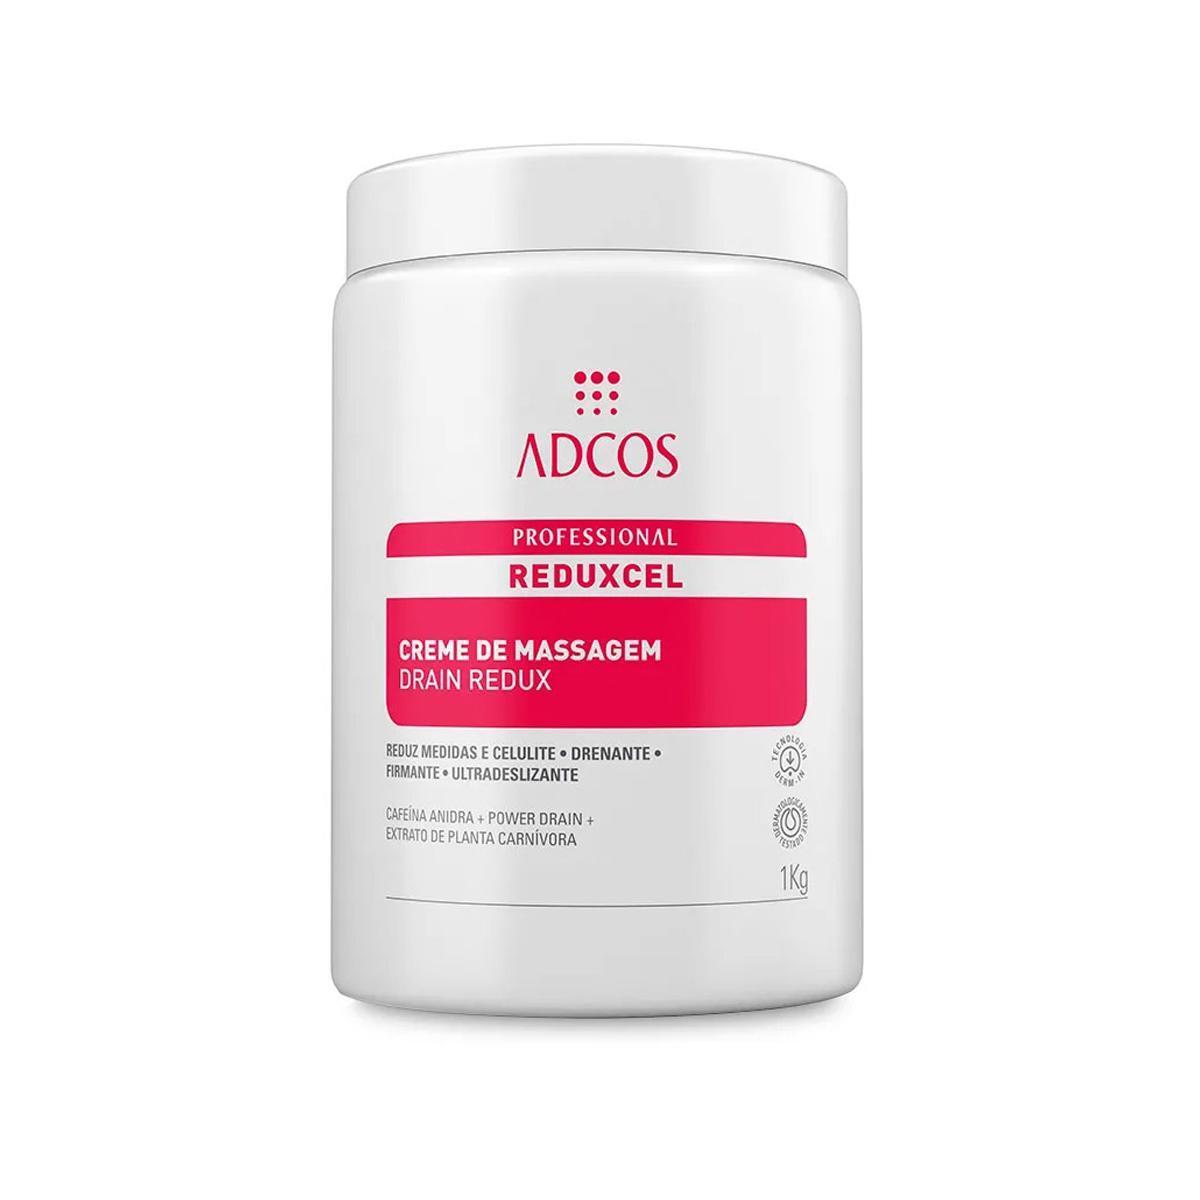 Adcos Profissional Reduxcel Creme de Massagem Drain Redux 1kg